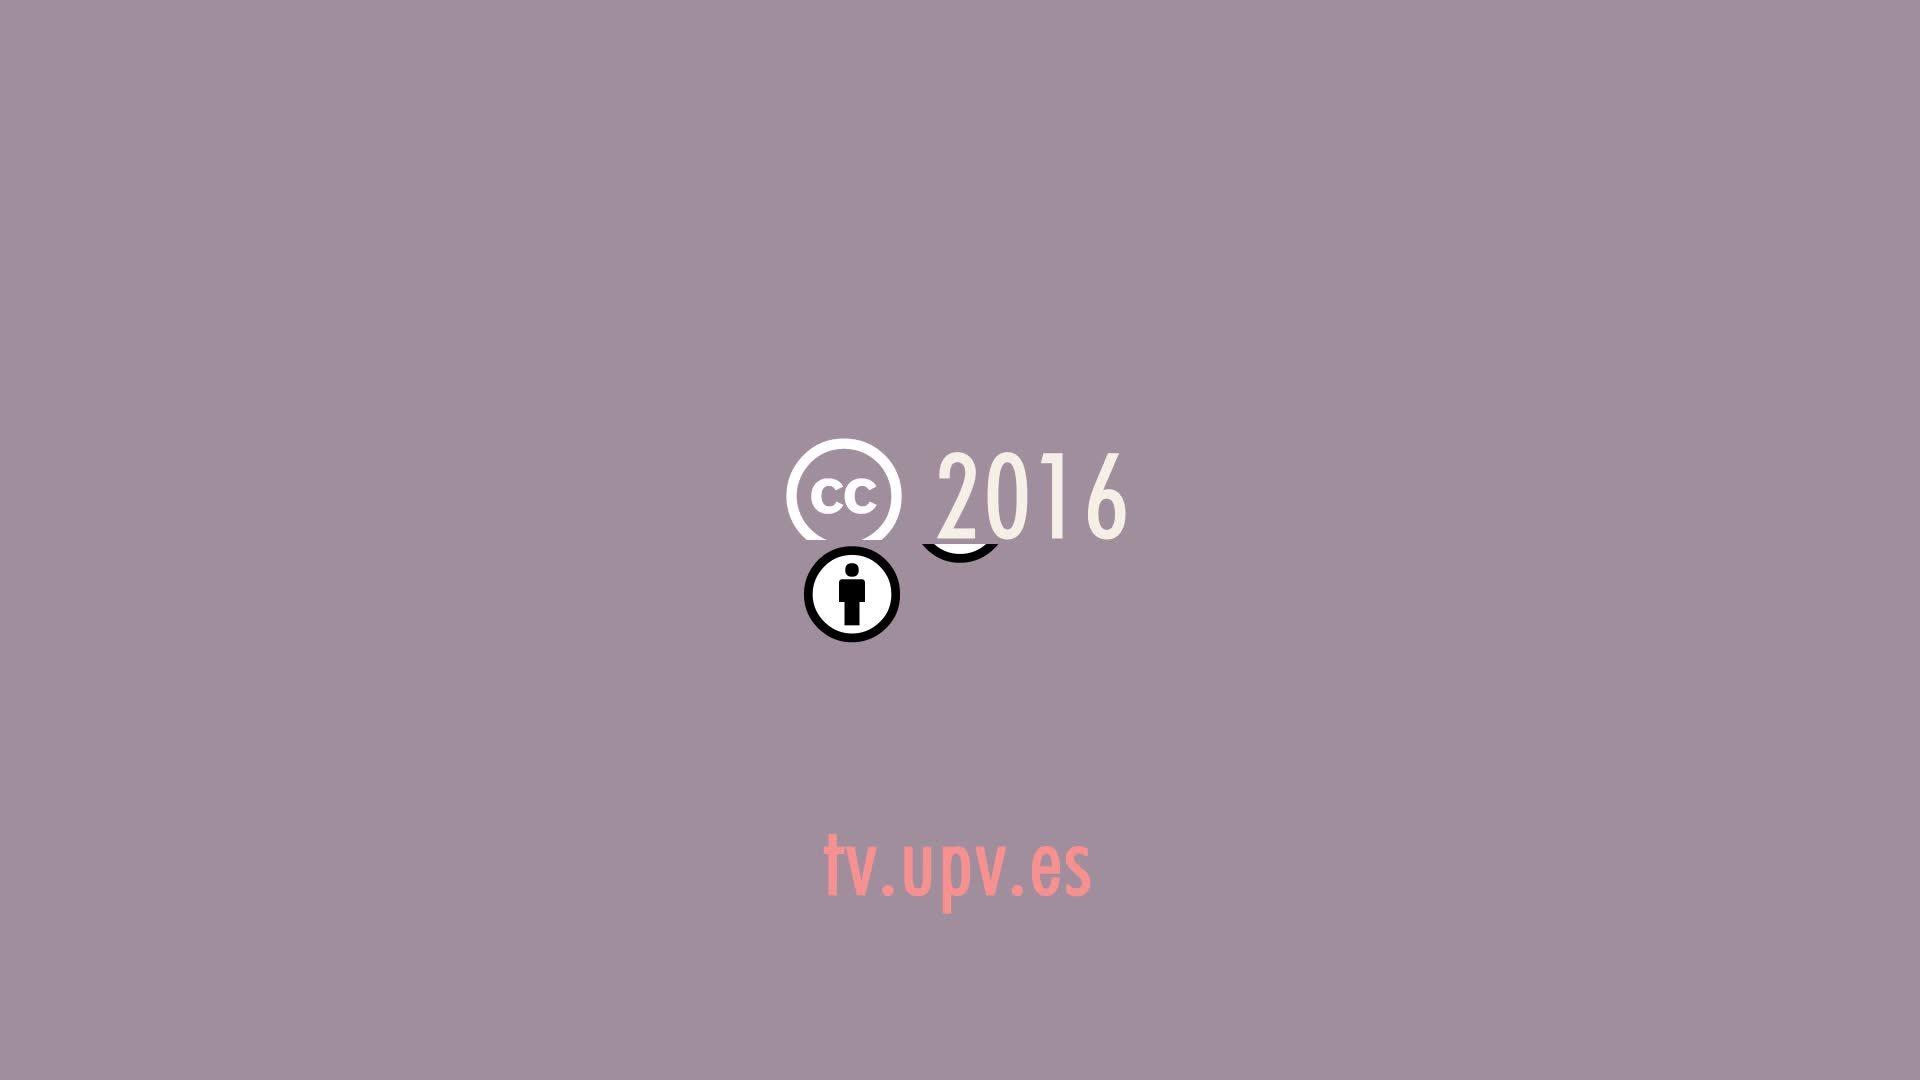 18-02-2016 Makers UPV Team triunfa en Hyperloop